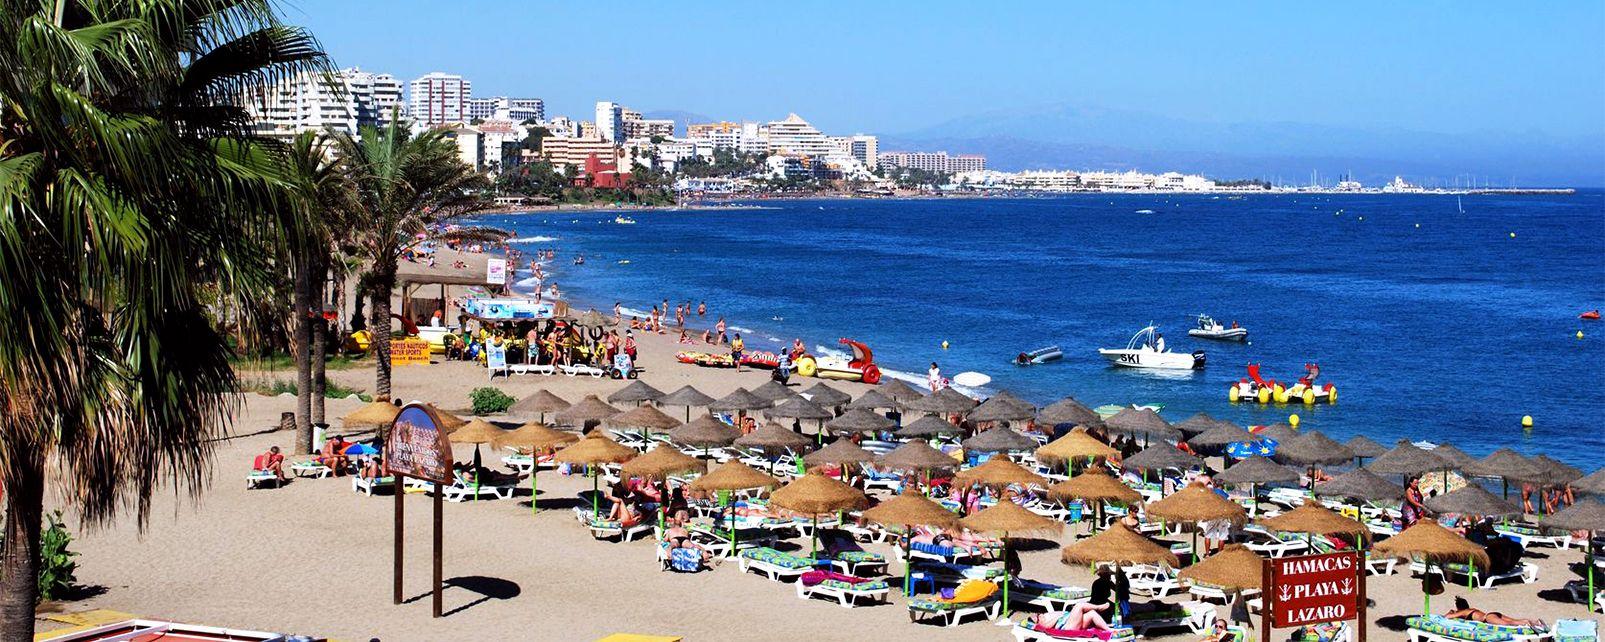 La playa de Benalmádena, Costa del Sol - Benalmádena, Las costas, Andalucía